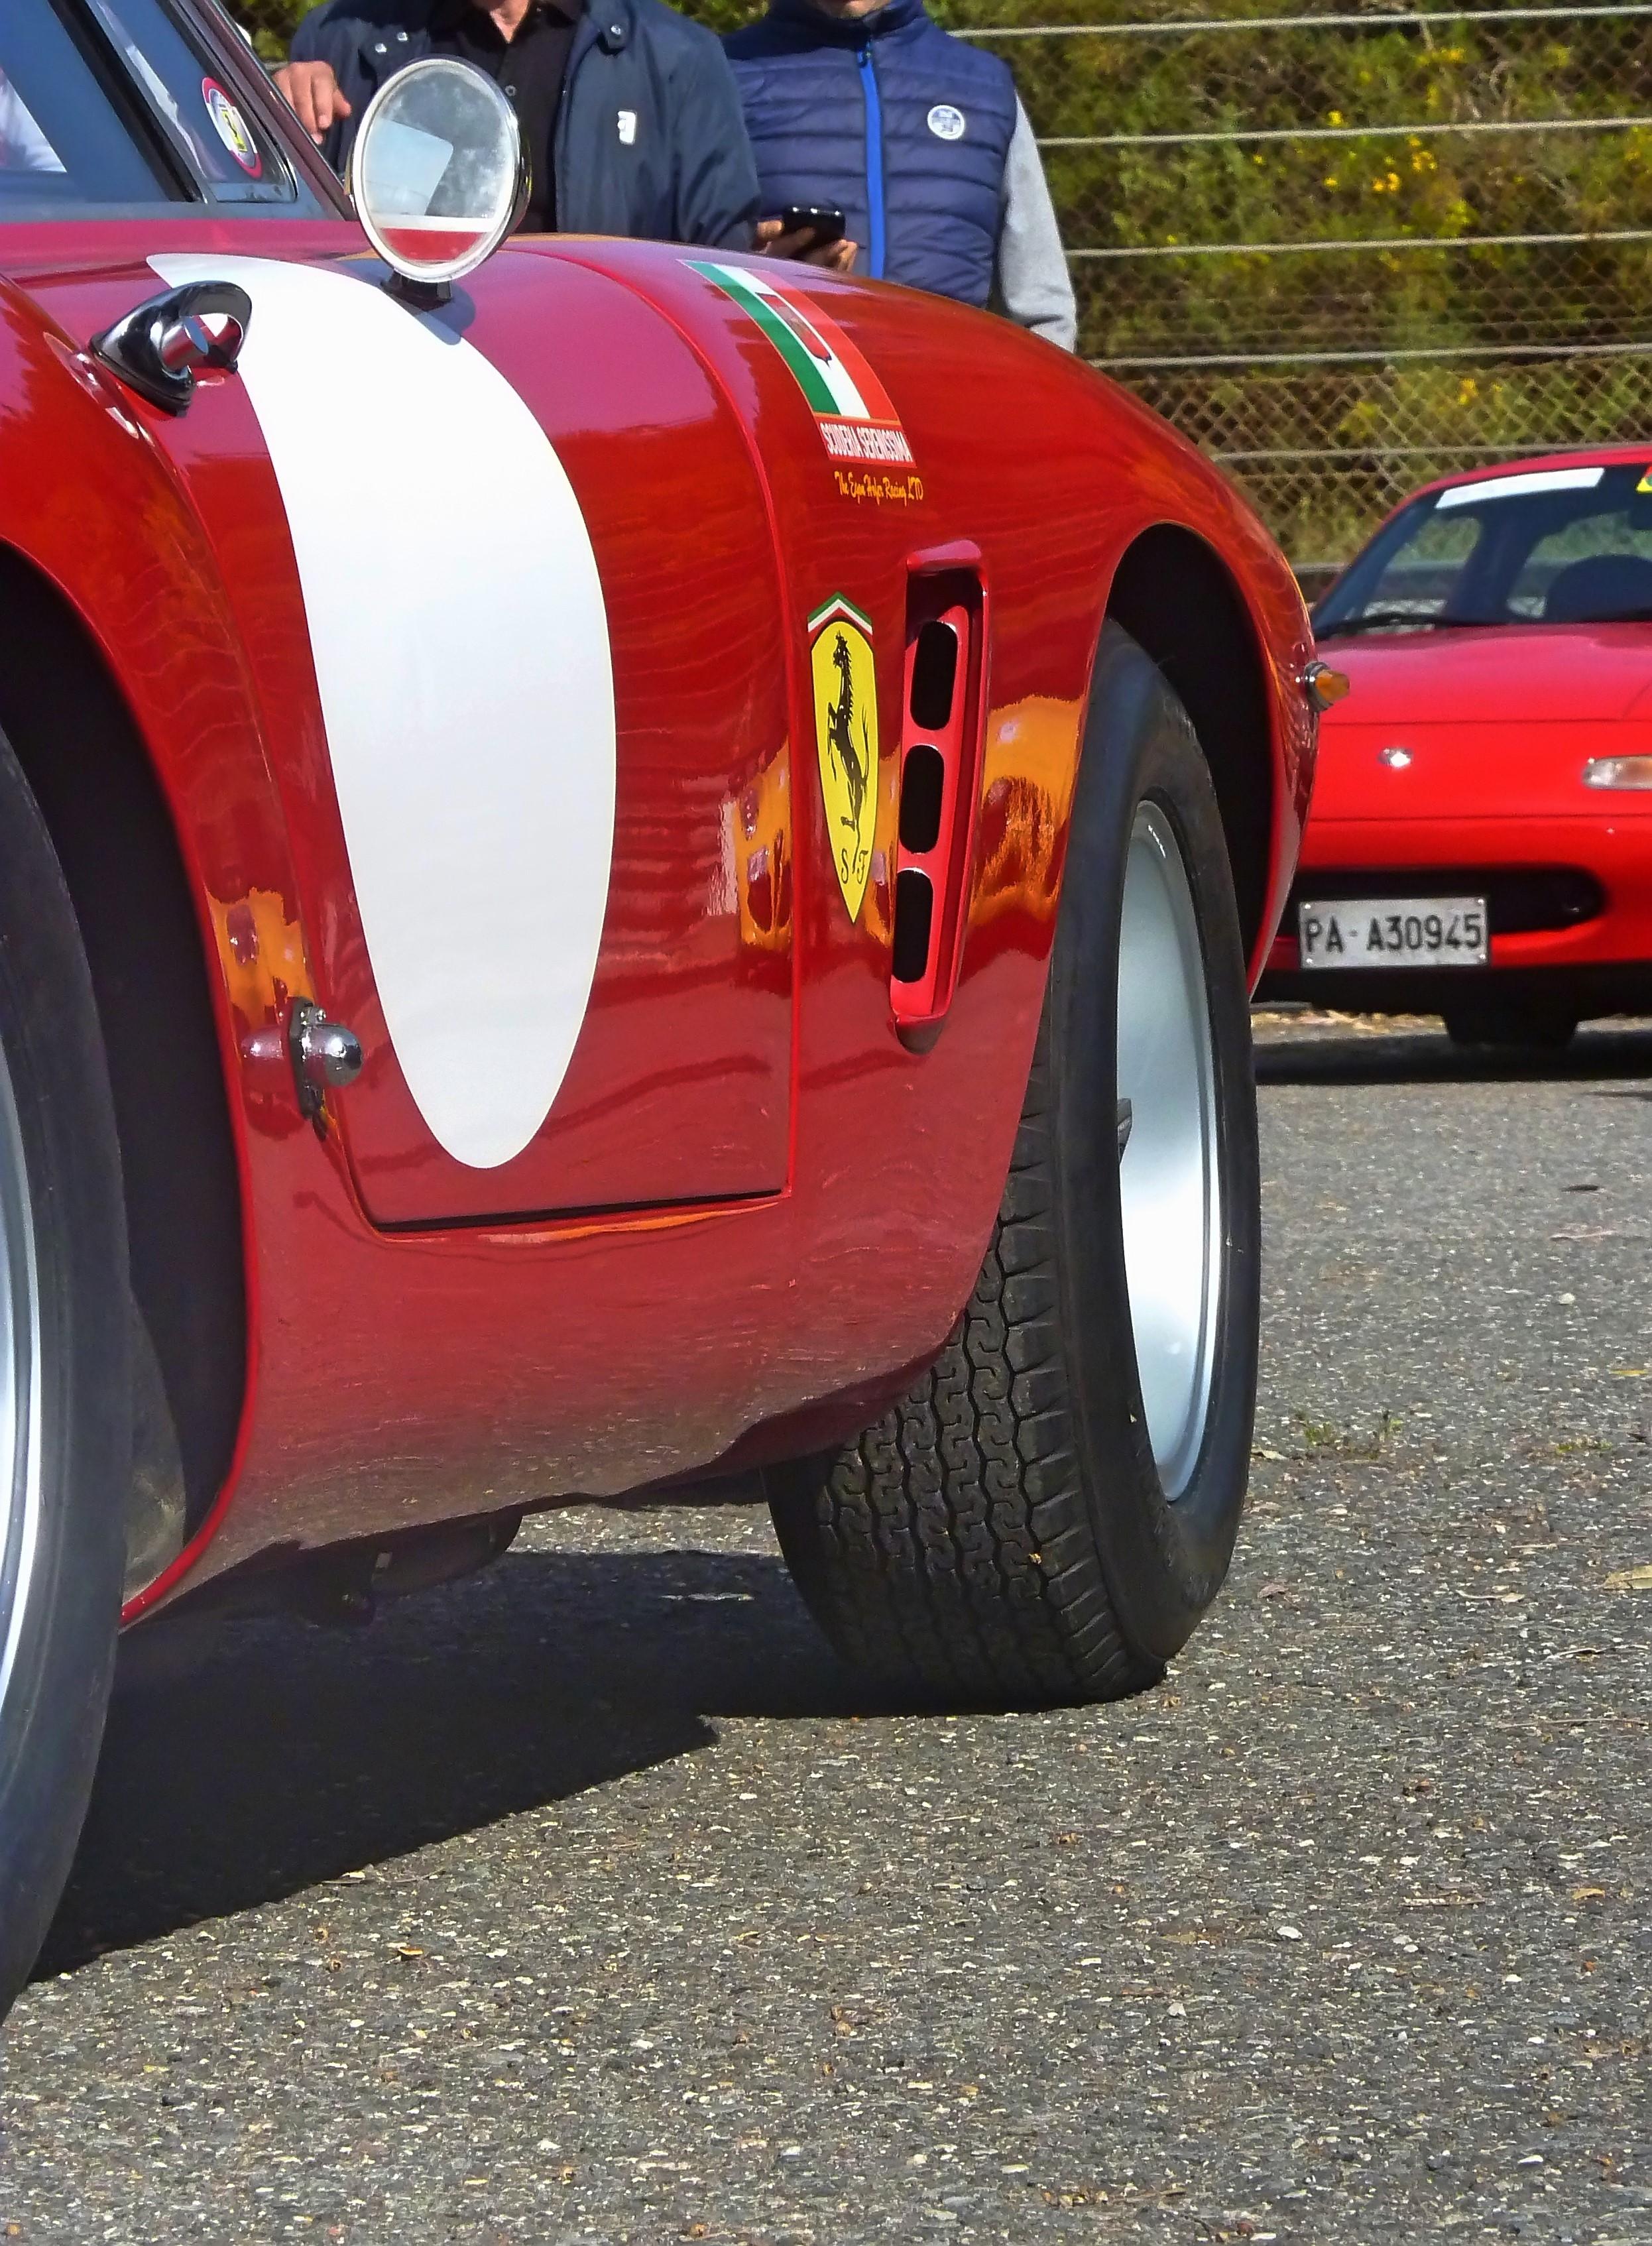 1961 Ferrari 250 GT SWB #2701 (12)_filtered